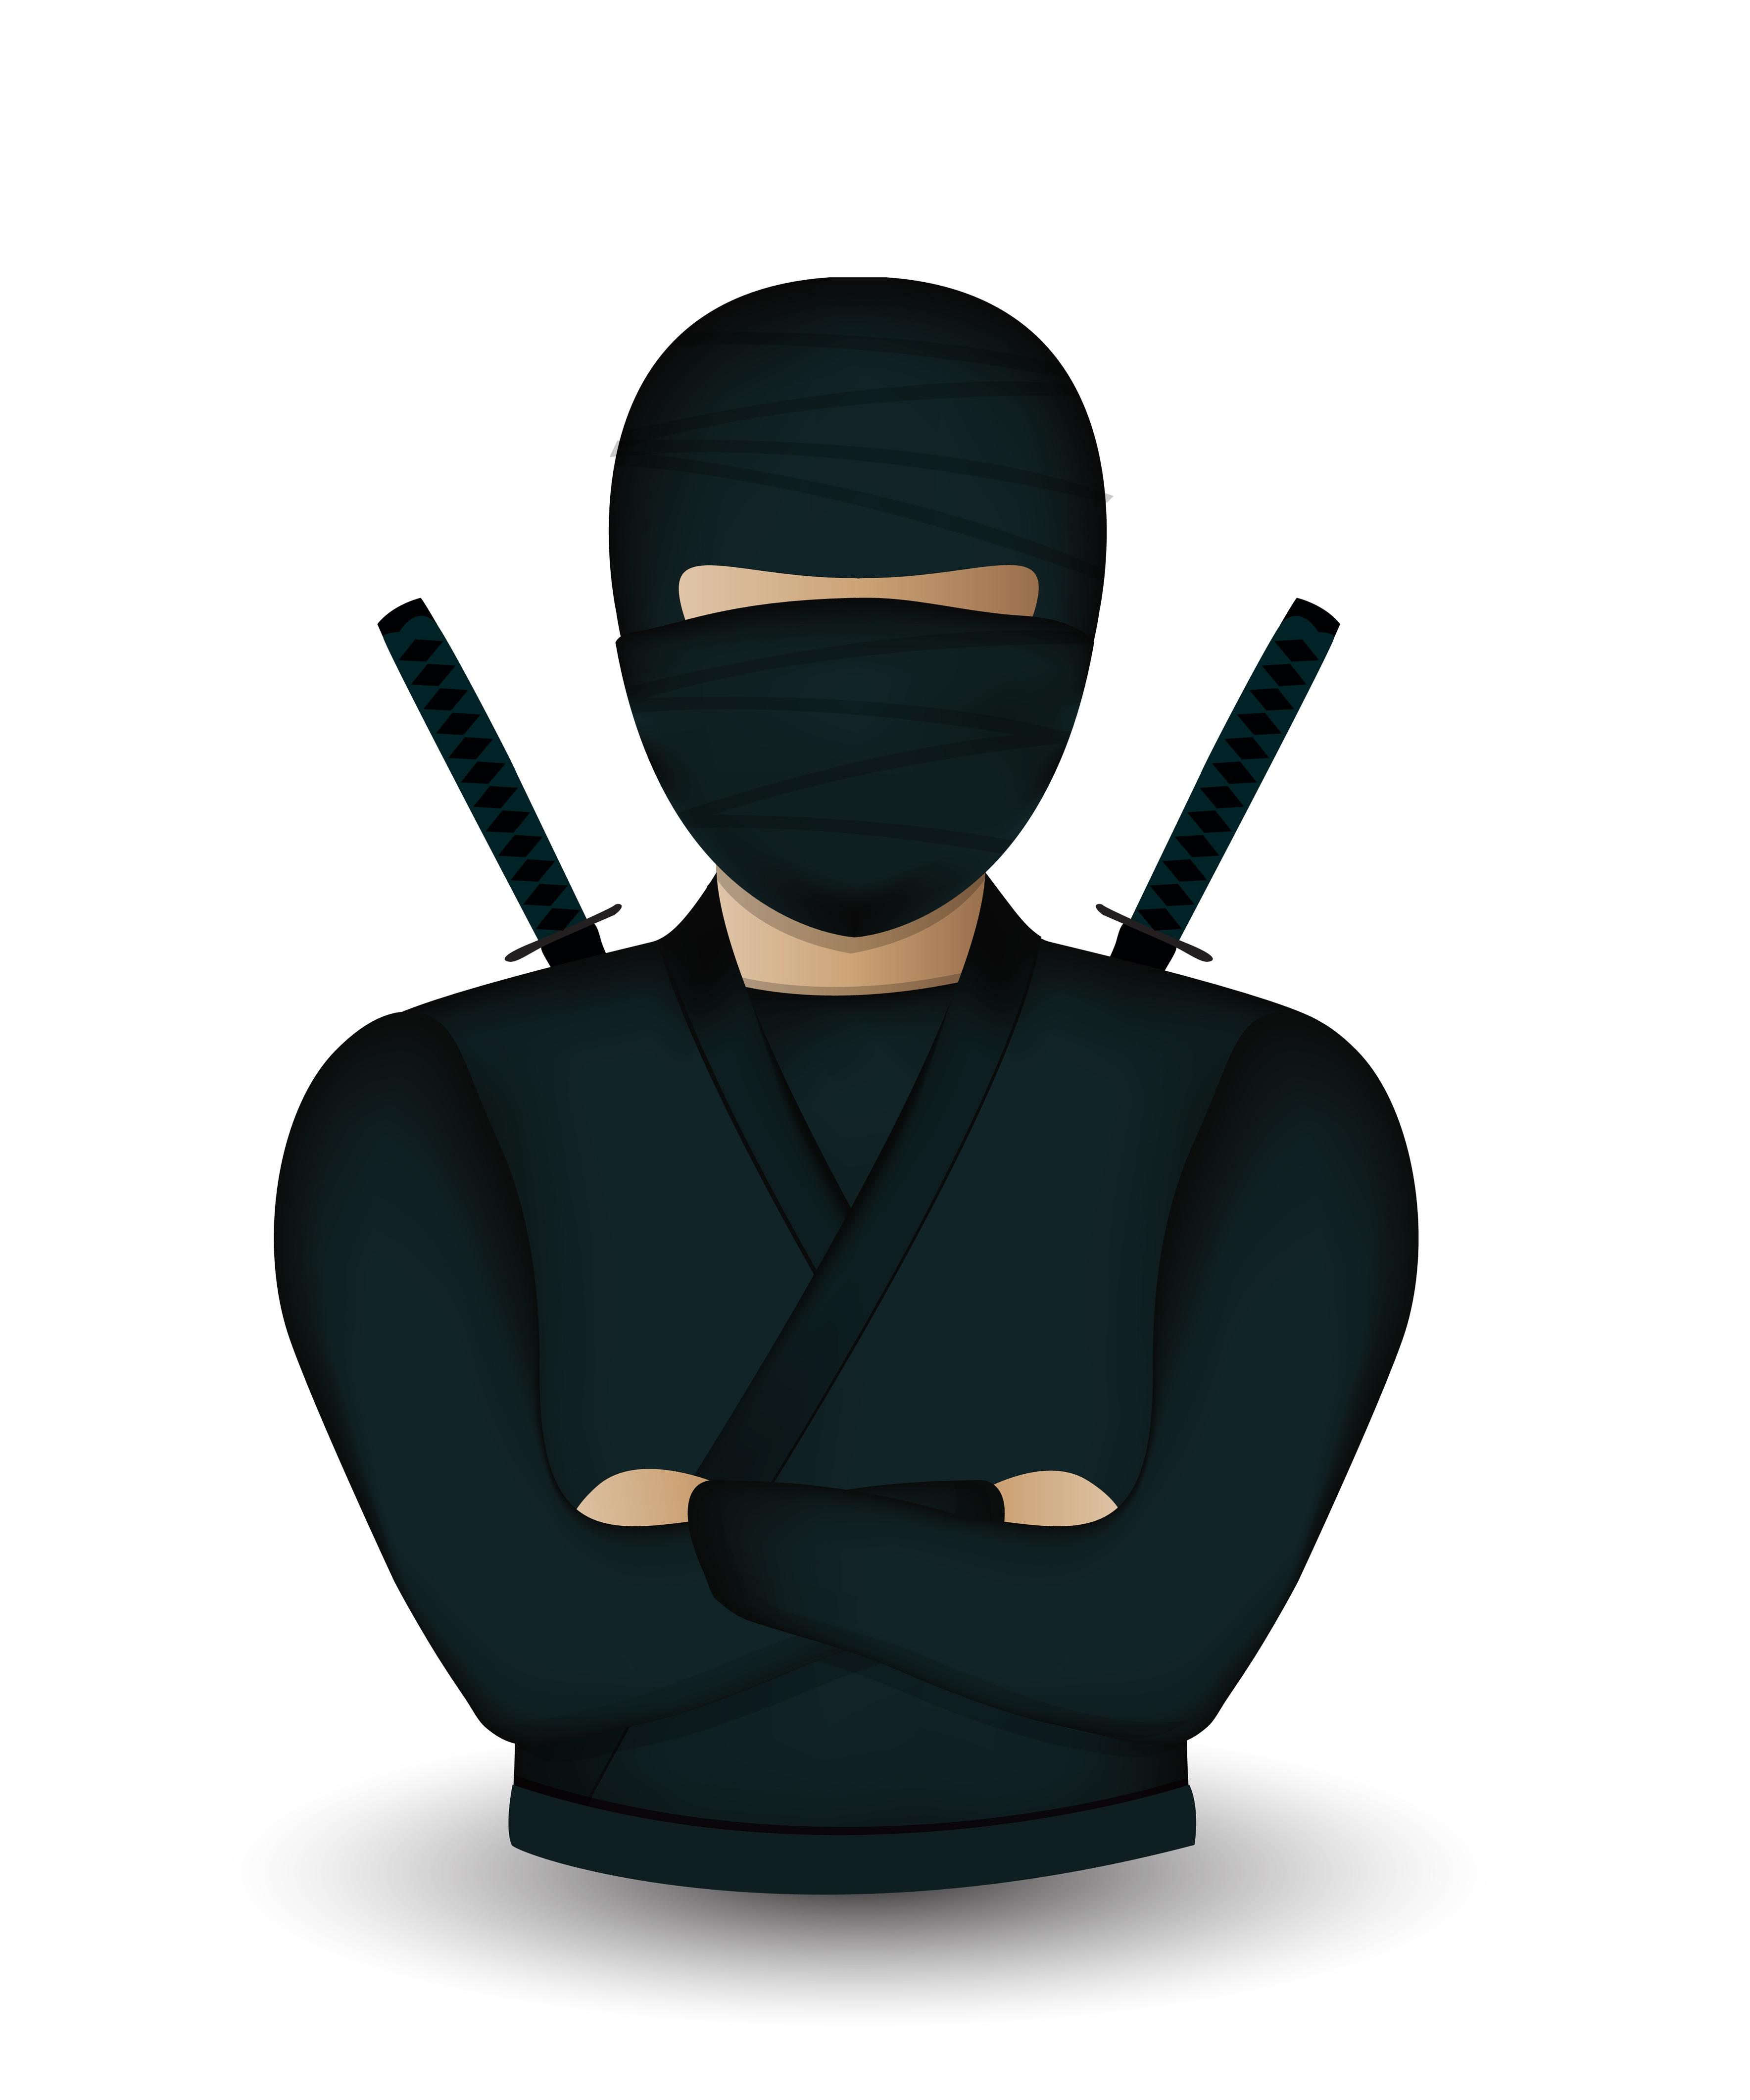 Ninja warrior avatar